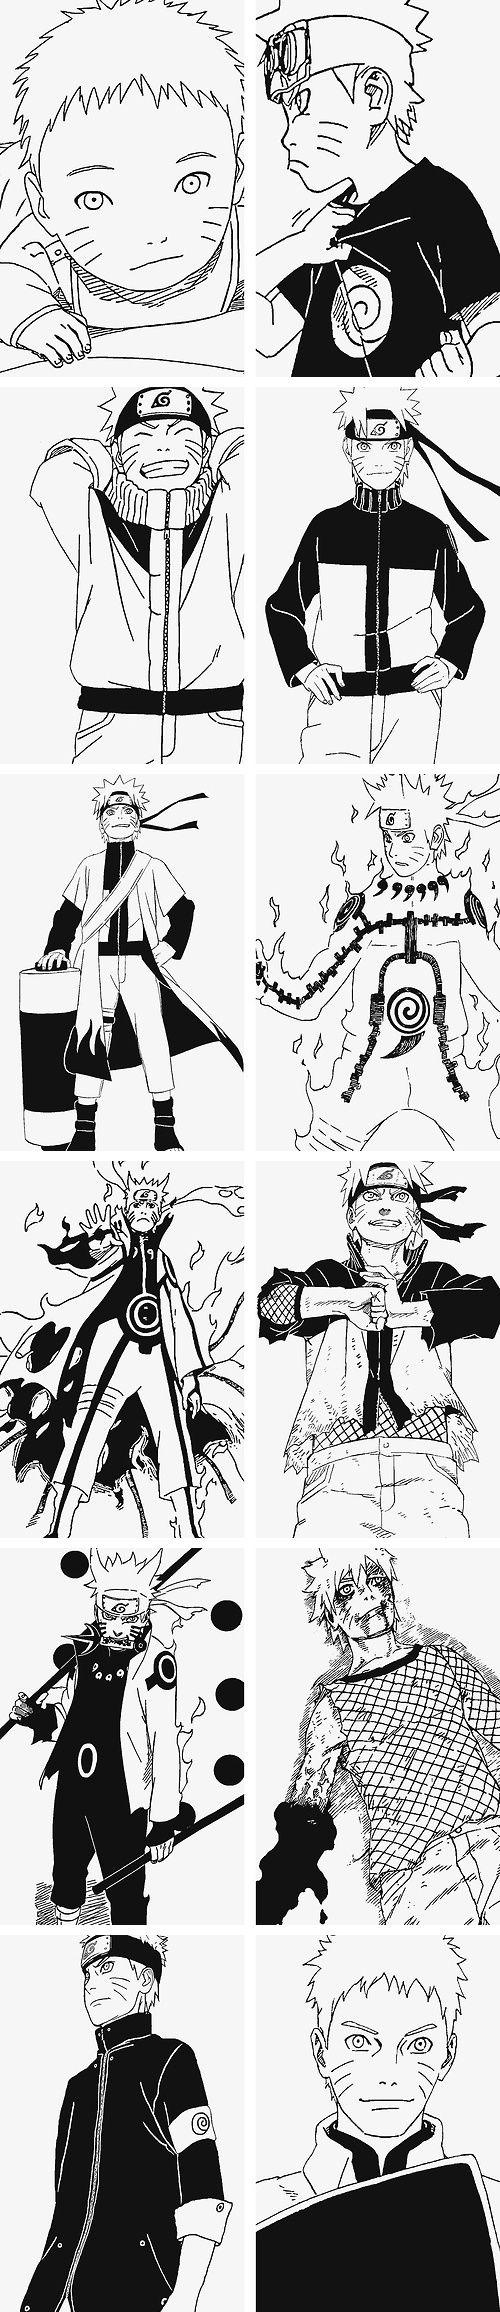 Narutinho~  Obrigada Kishimoto sensei,  crianças e jovens se inspiram no jeito ninja de ser do Naruto.